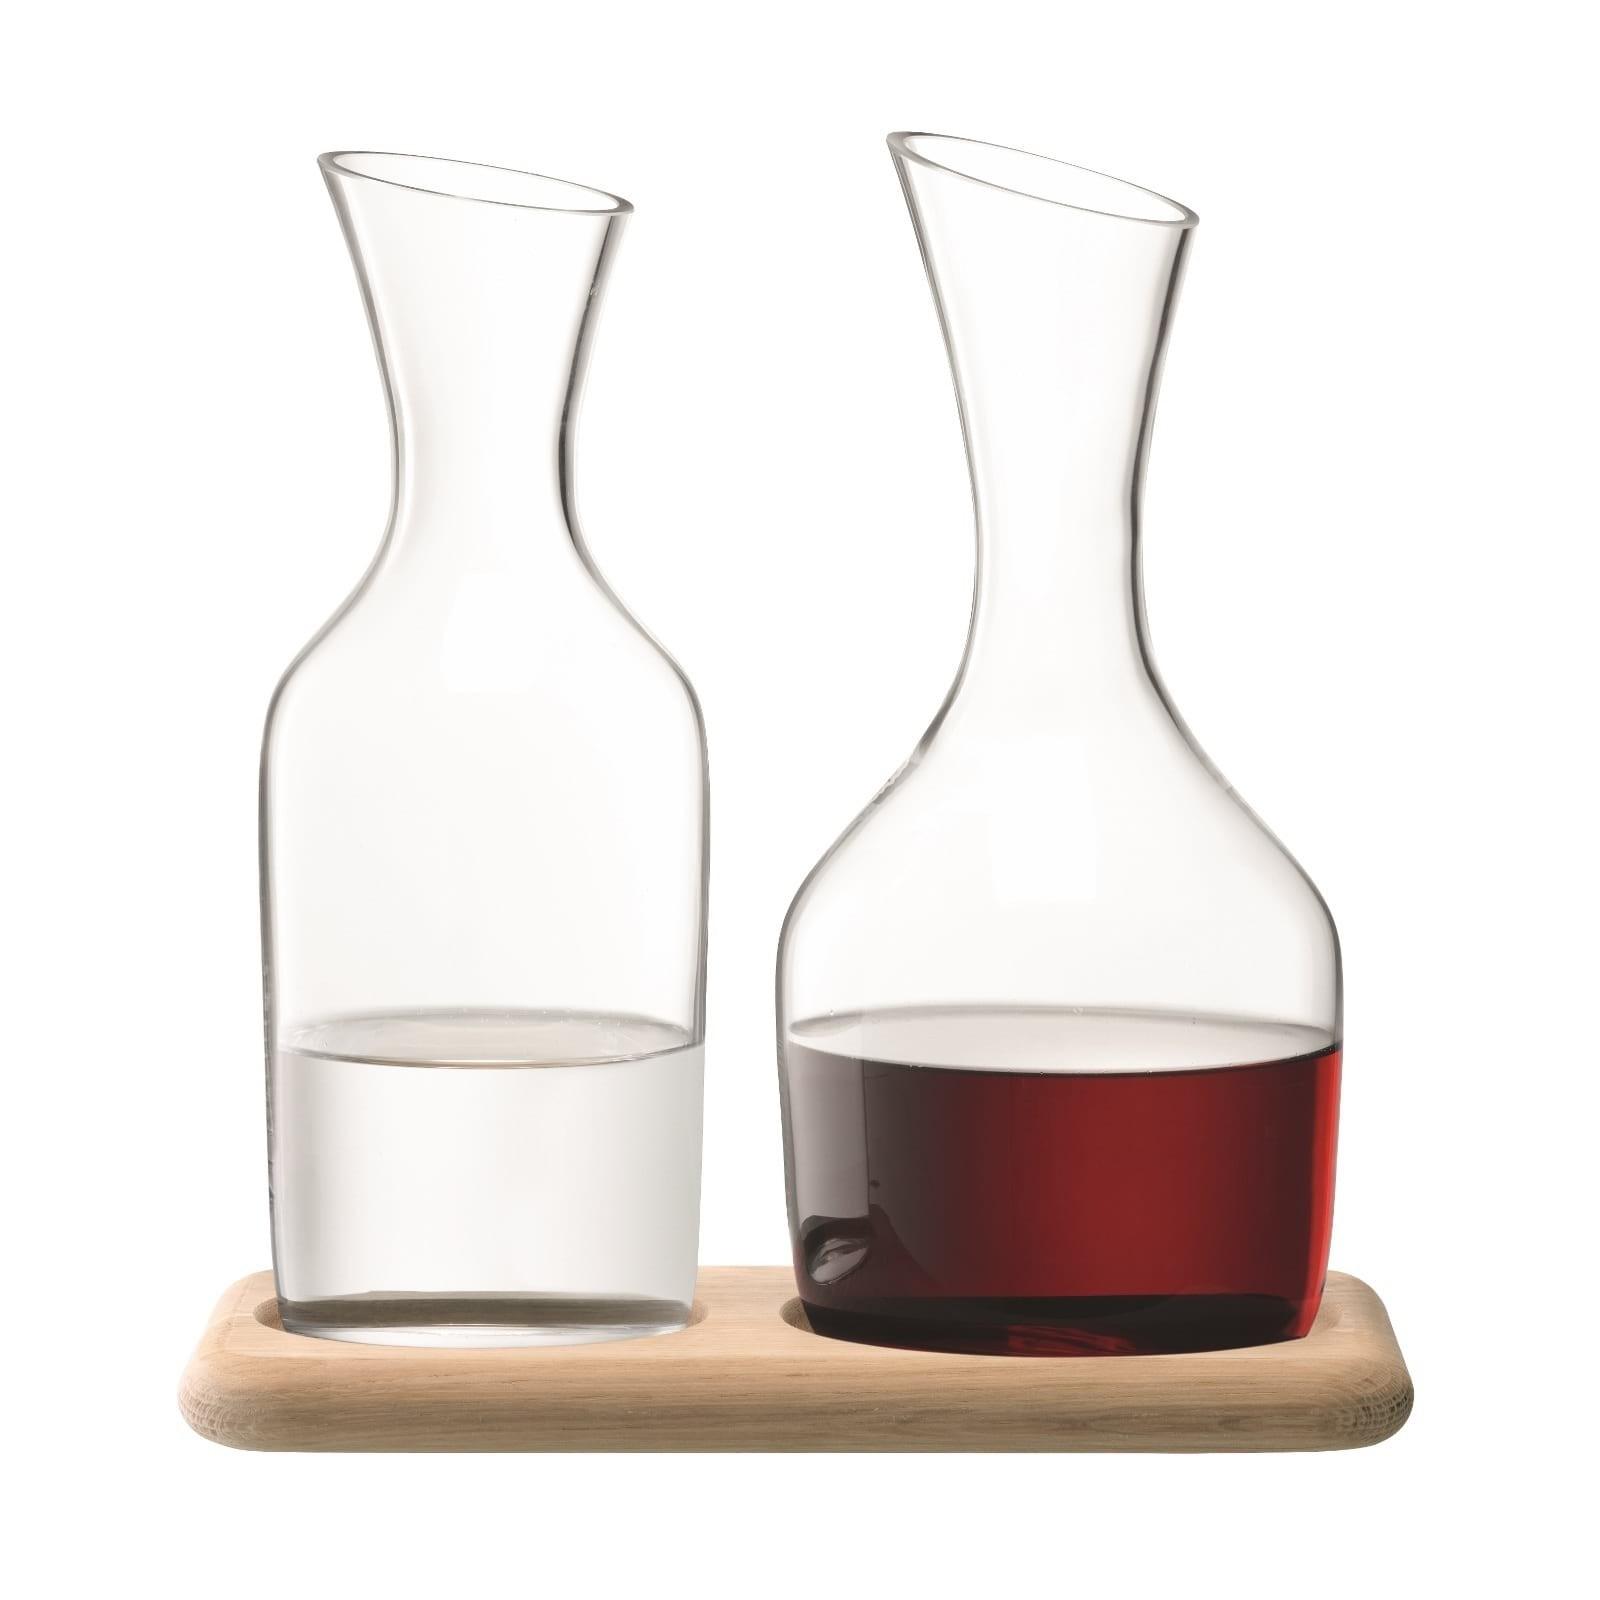 Σετ Καράφα Κρασιού & Νερού με Ξύλινη Βάση - LSA